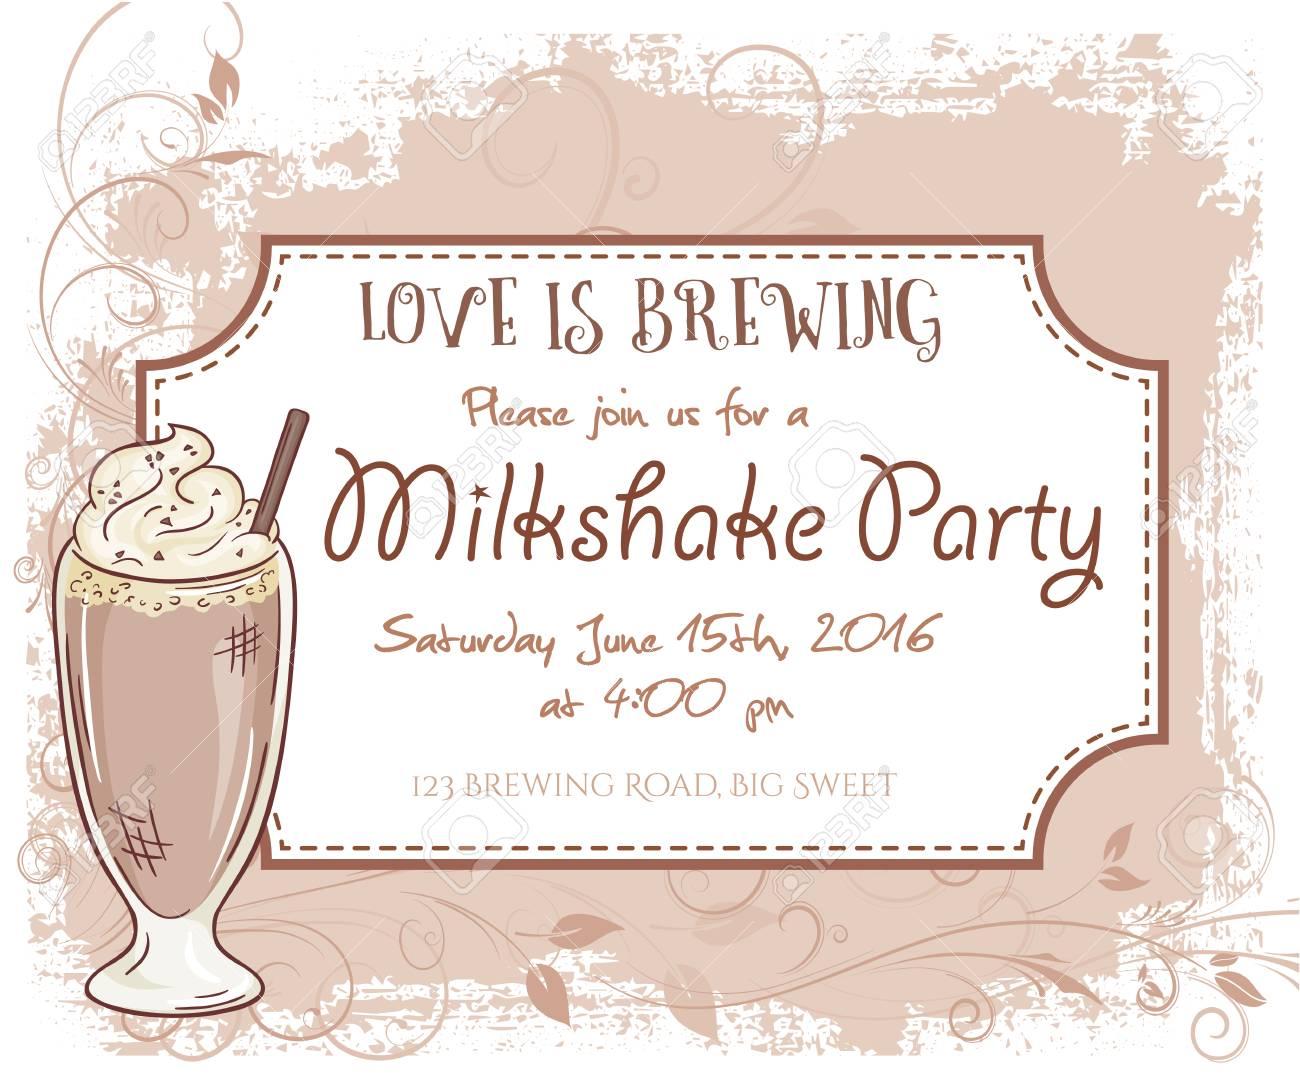 Vektor Hand Gezeichnet Milchshake-Party Einladungskarte, Vintage ...